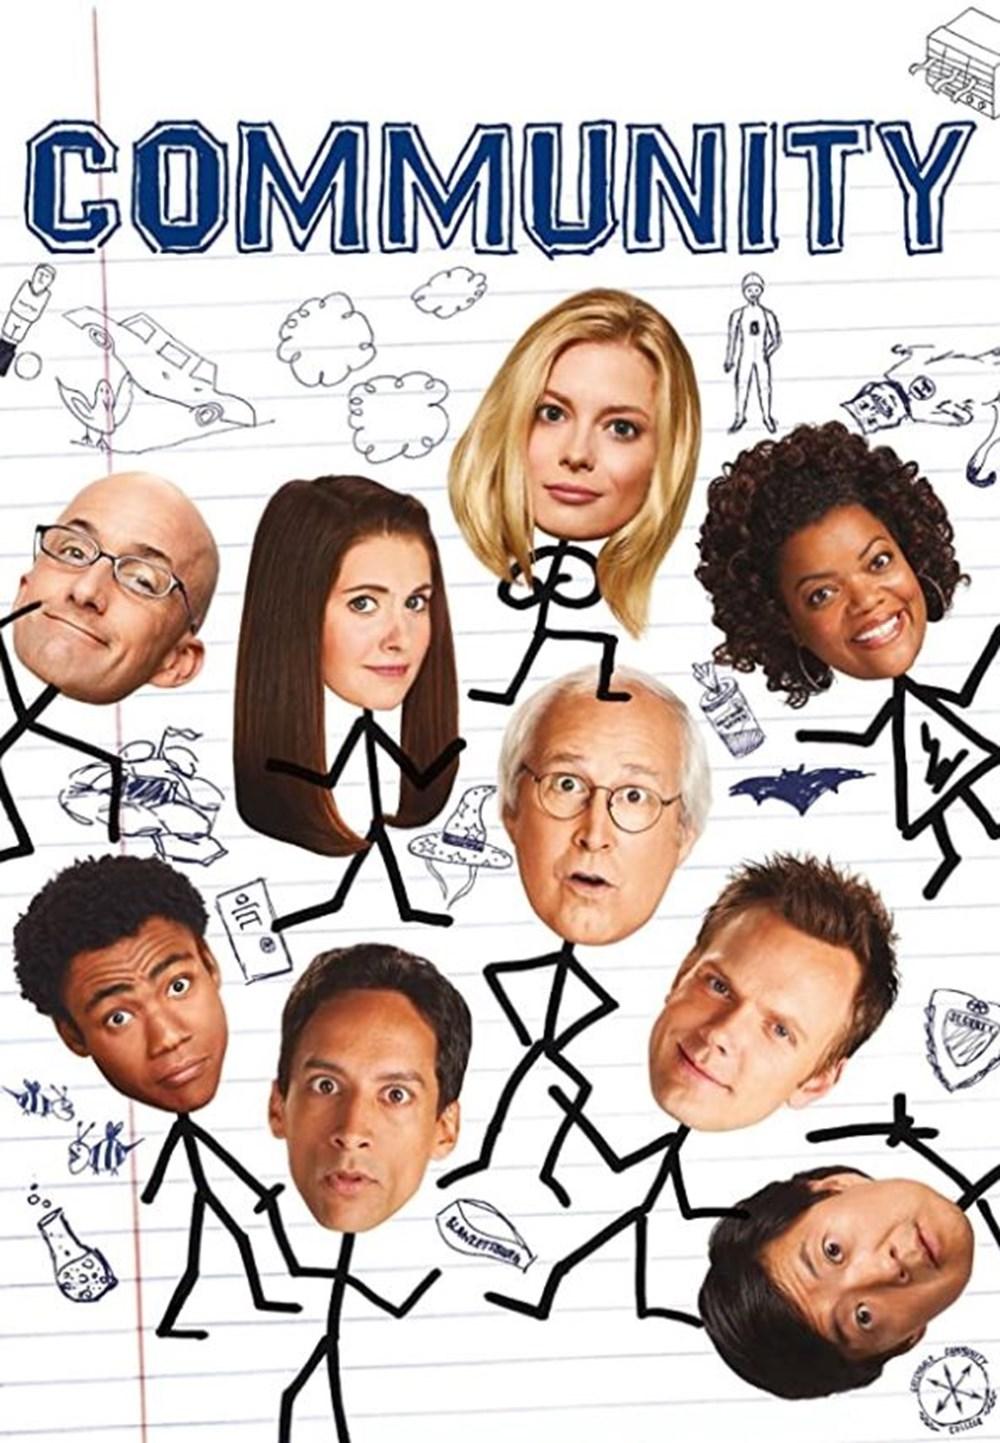 Zirvedeki yabancı komedi filmleri ve dizileri - 4